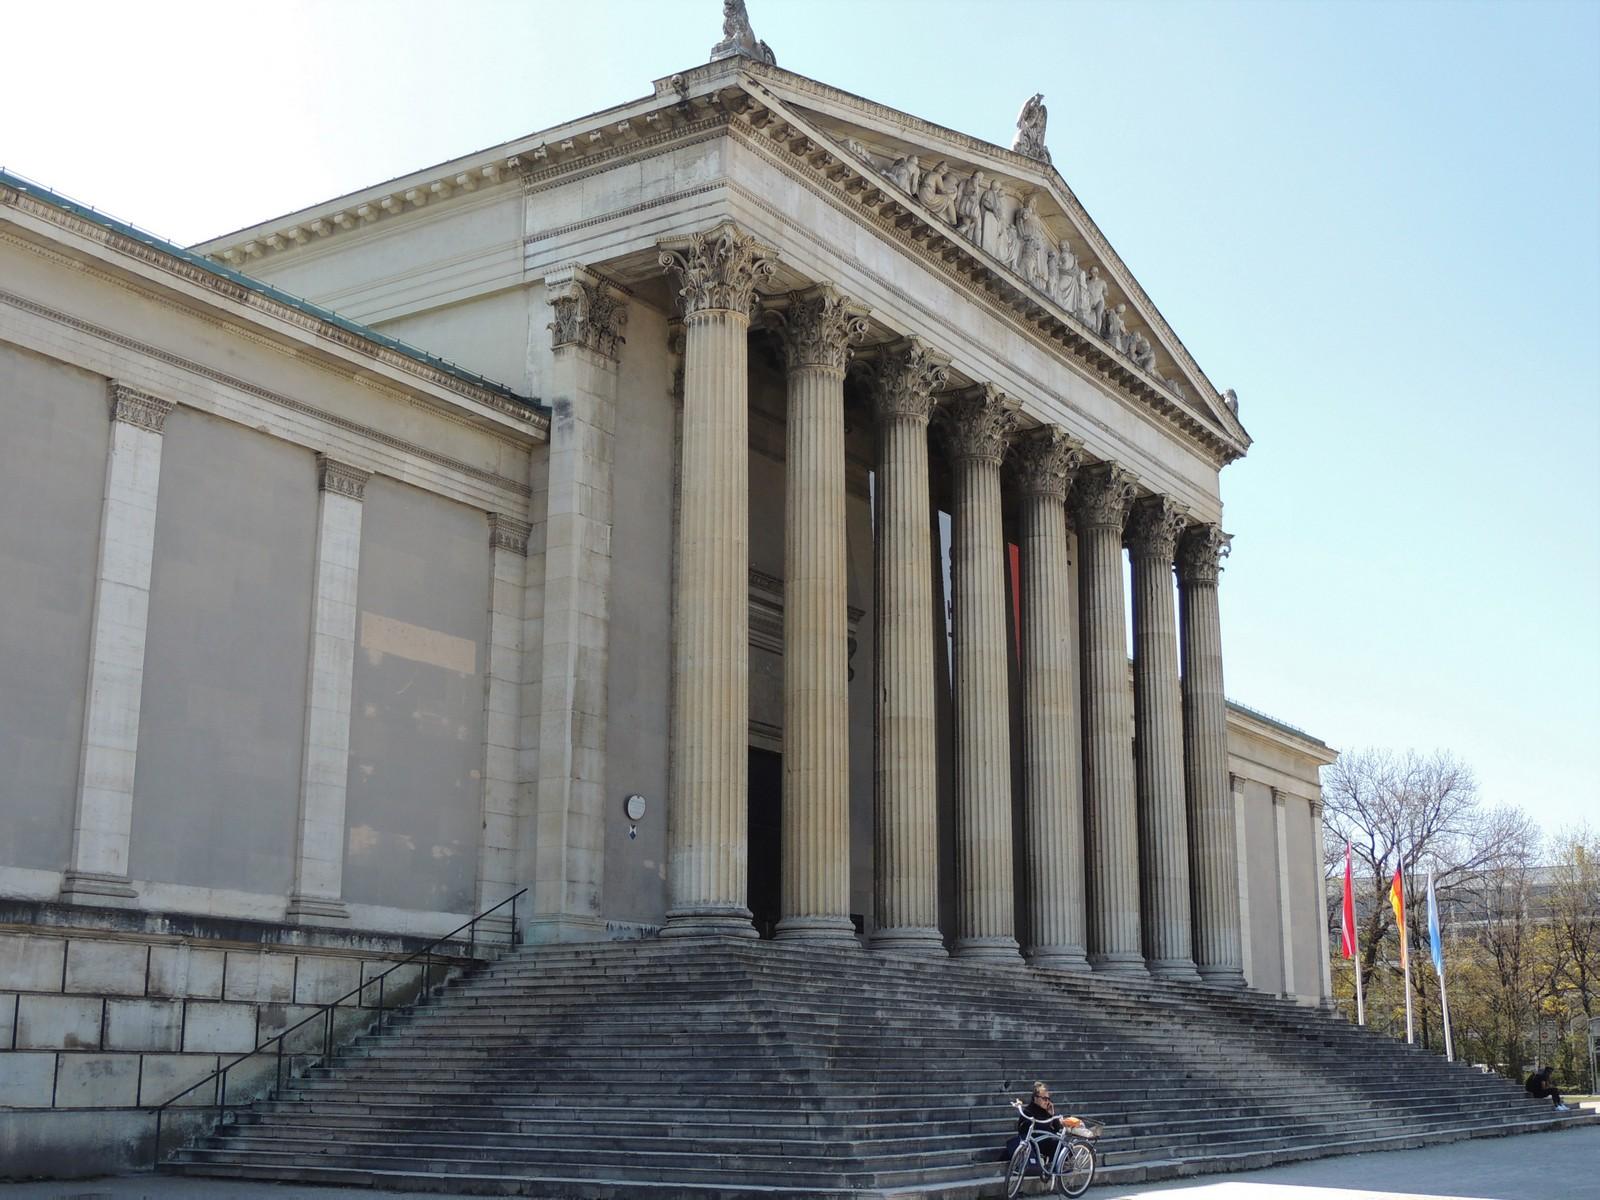 Staatliche Antikensammlung am Königsplatz